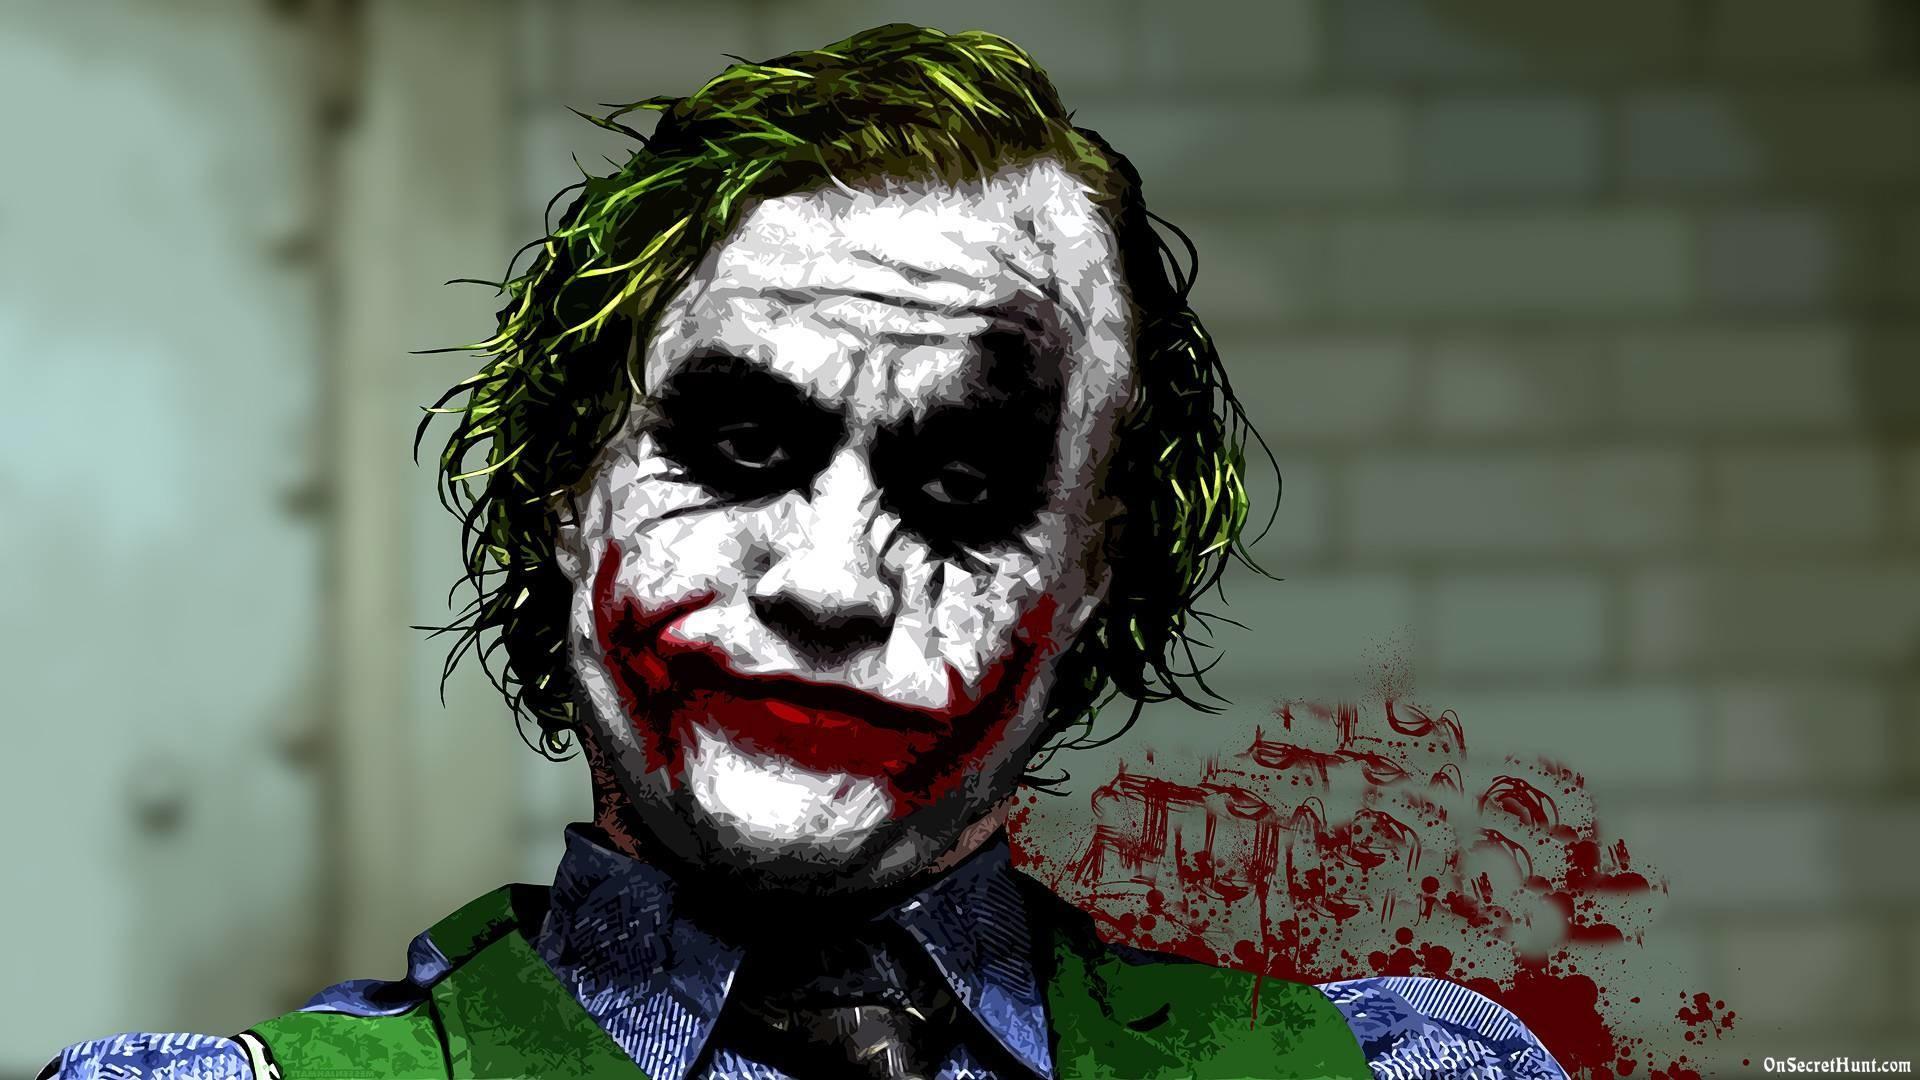 Batman Joker Hd Wallpaper On Secret Hunt 1920x1080PX ~ Wallpaper .